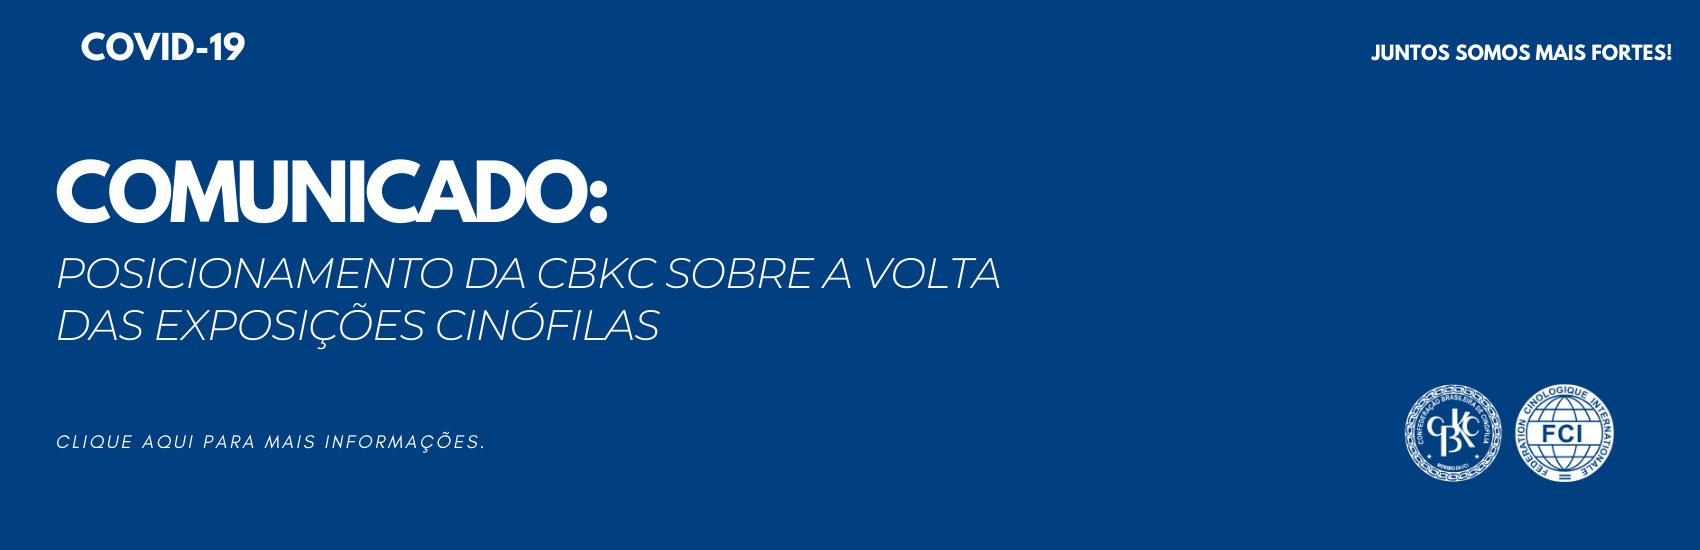 CBKC - Posicionamento CBKC Volta das Exposições